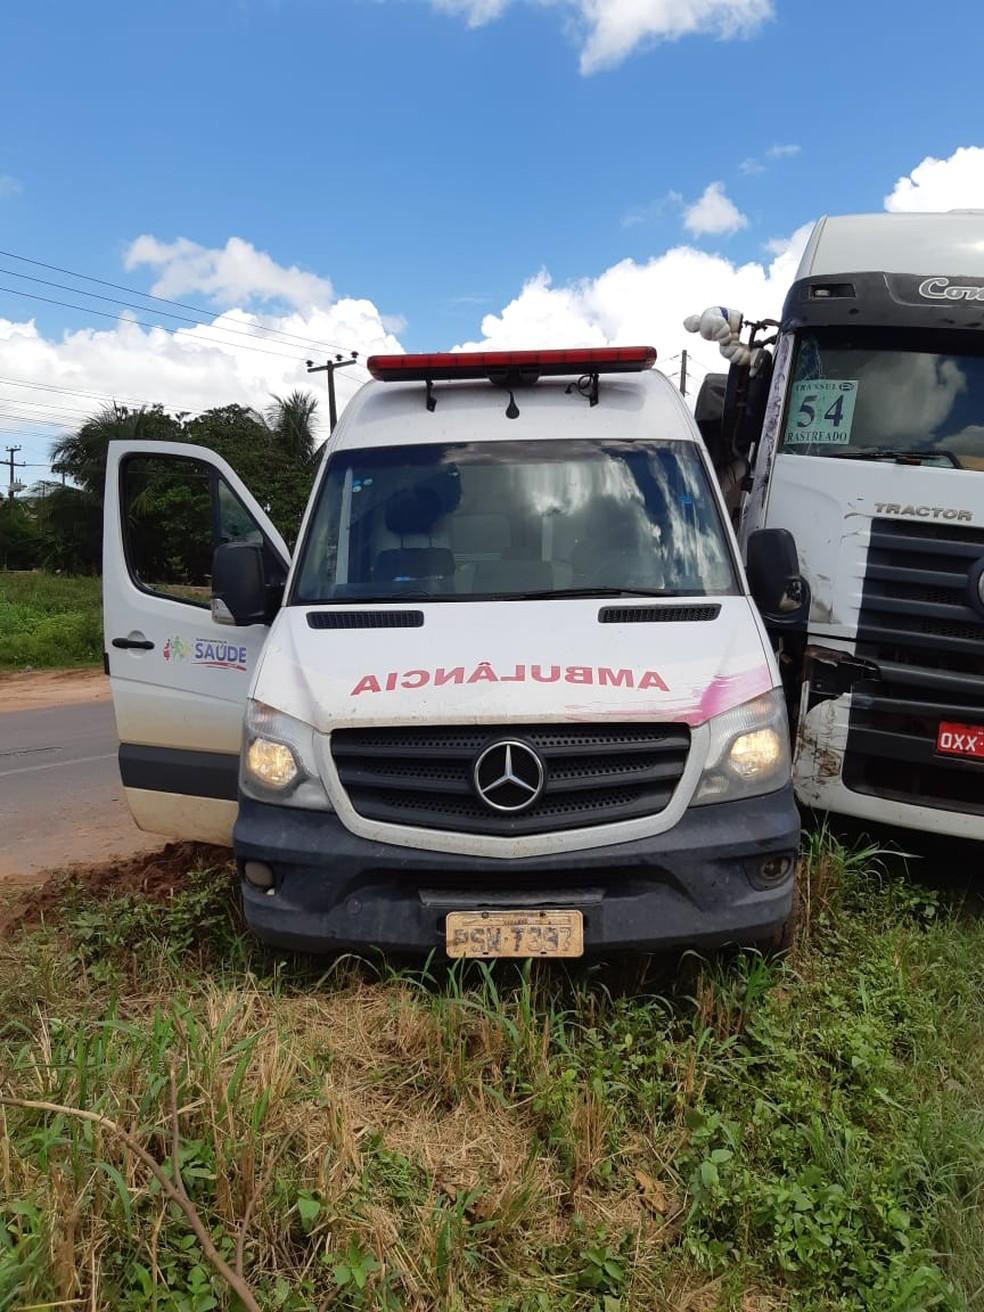 De acordo com a PRF, após a forte colisão dois ocupantes da ambulância ficaram feridos — Foto: Divulgação/Polícia Rodoviária Federal